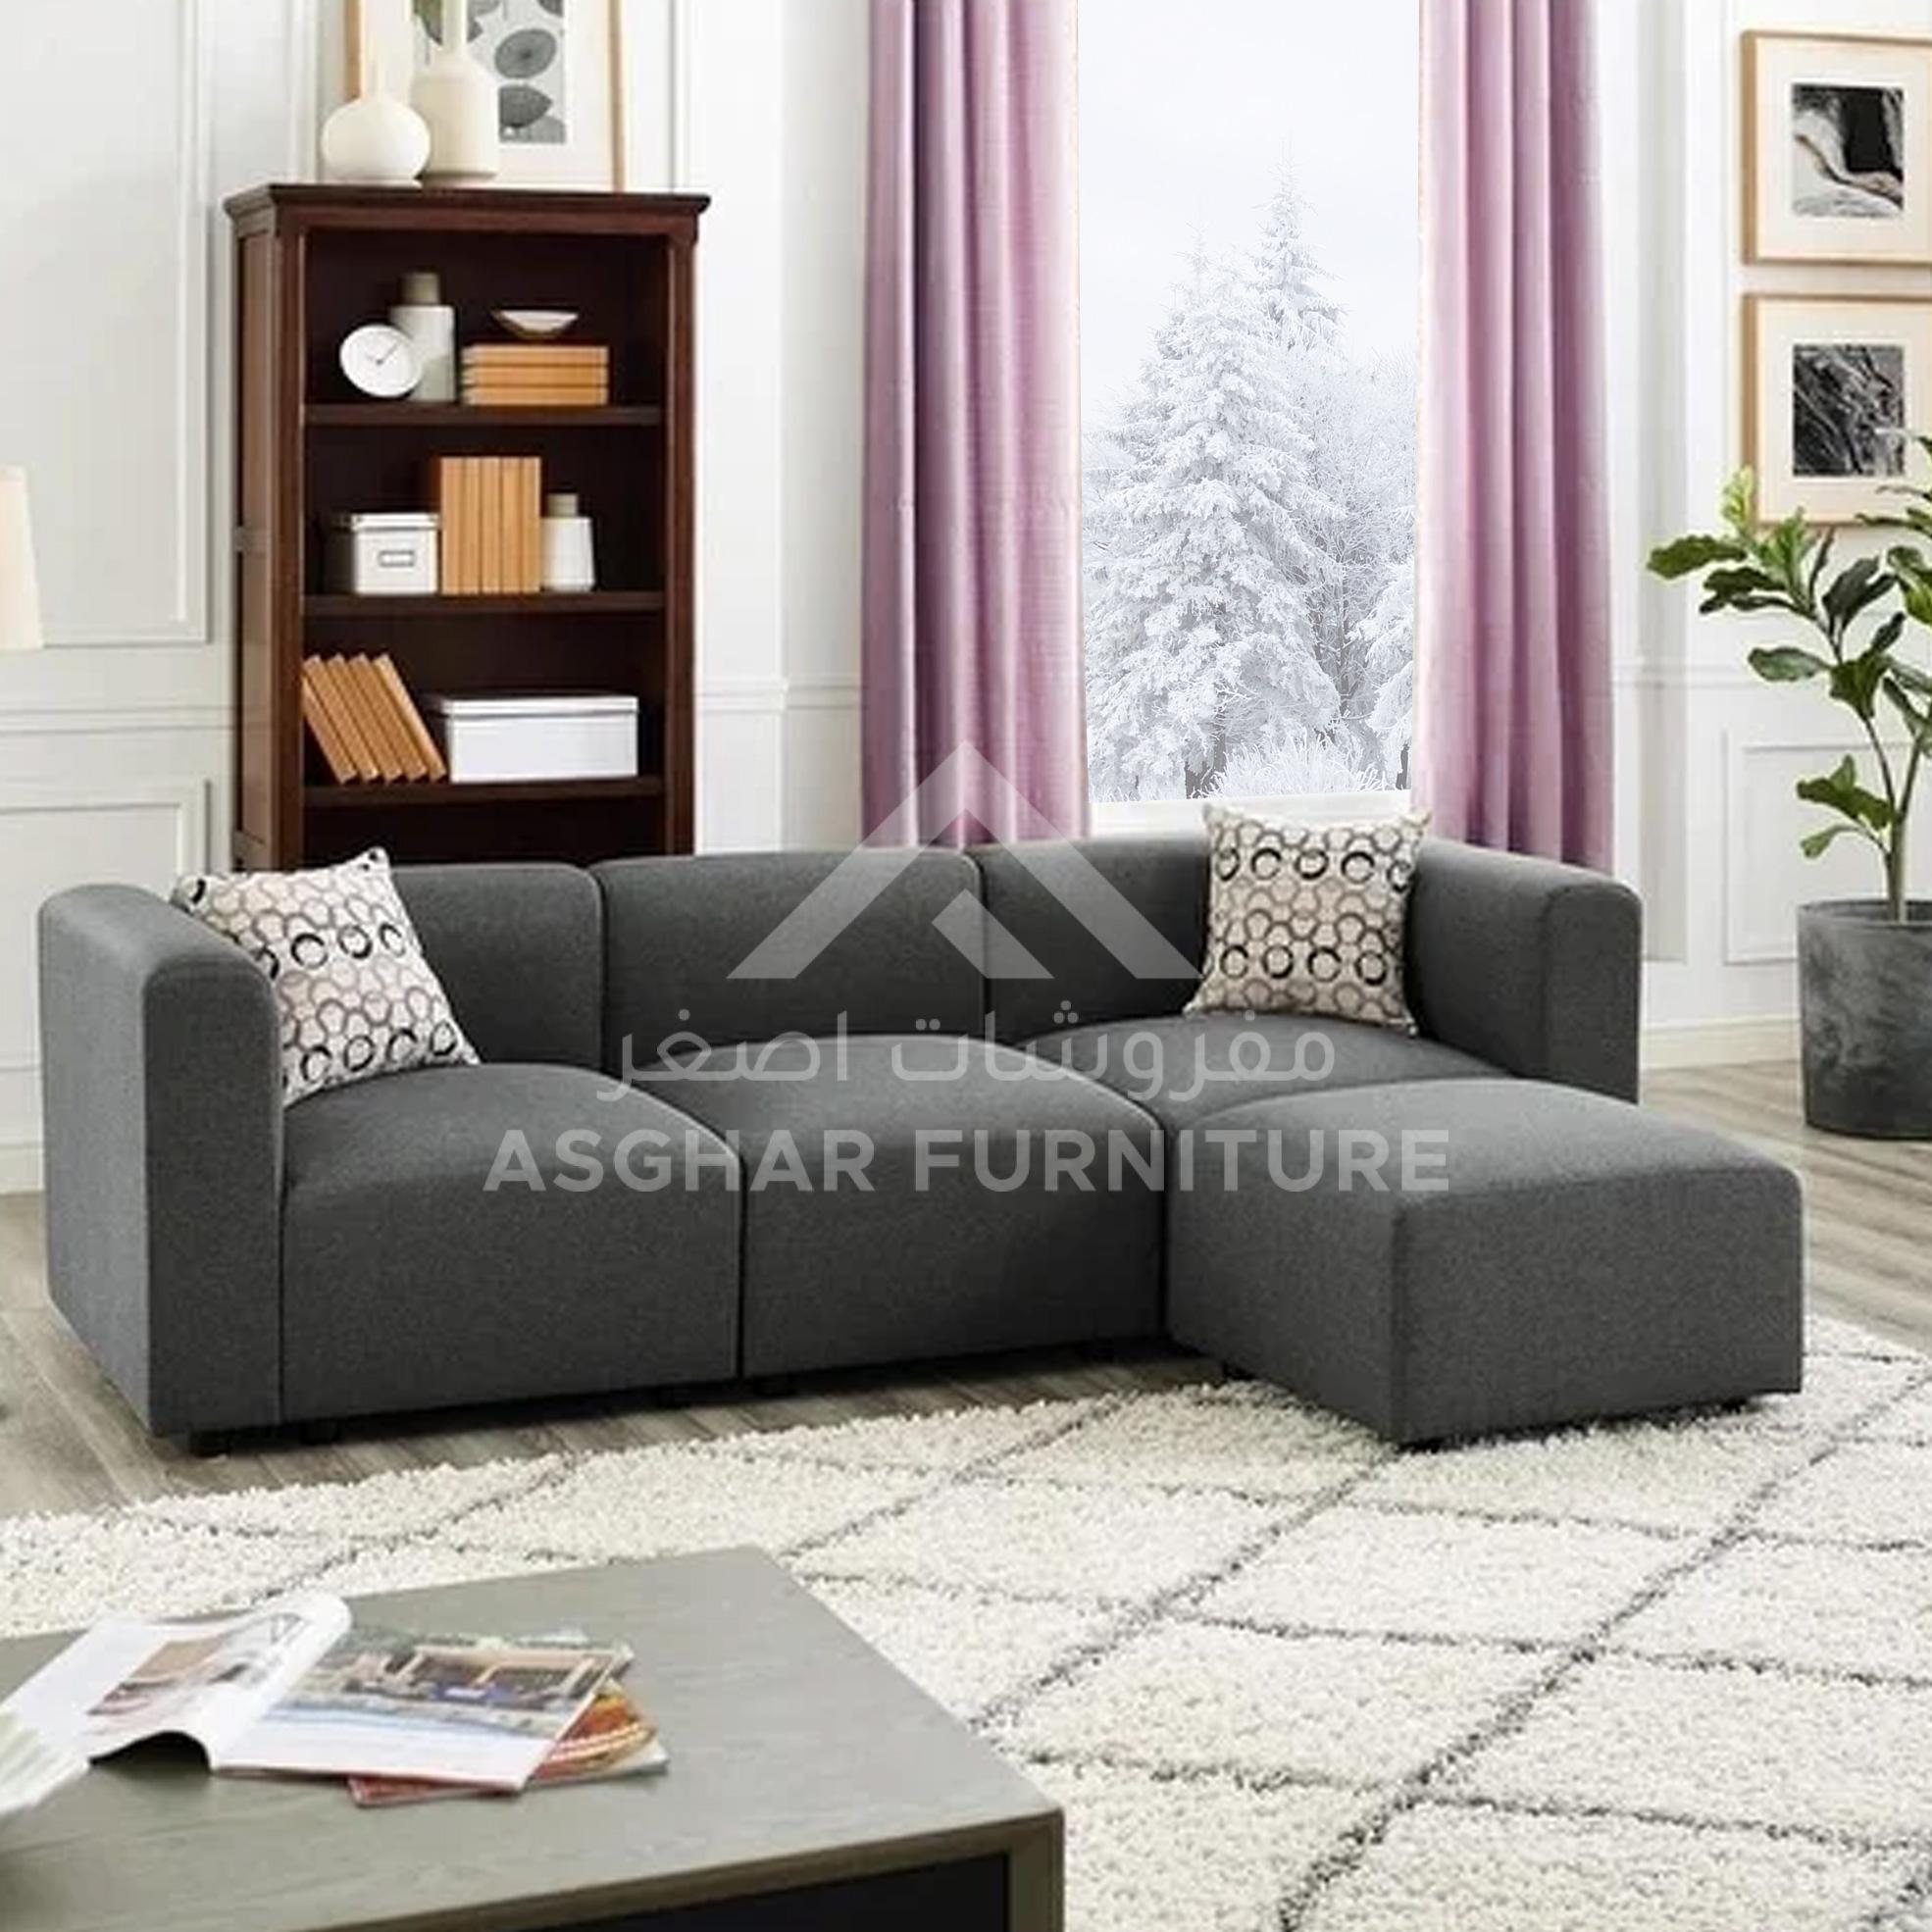 coby-sofa-and-ottoman-1.jpg